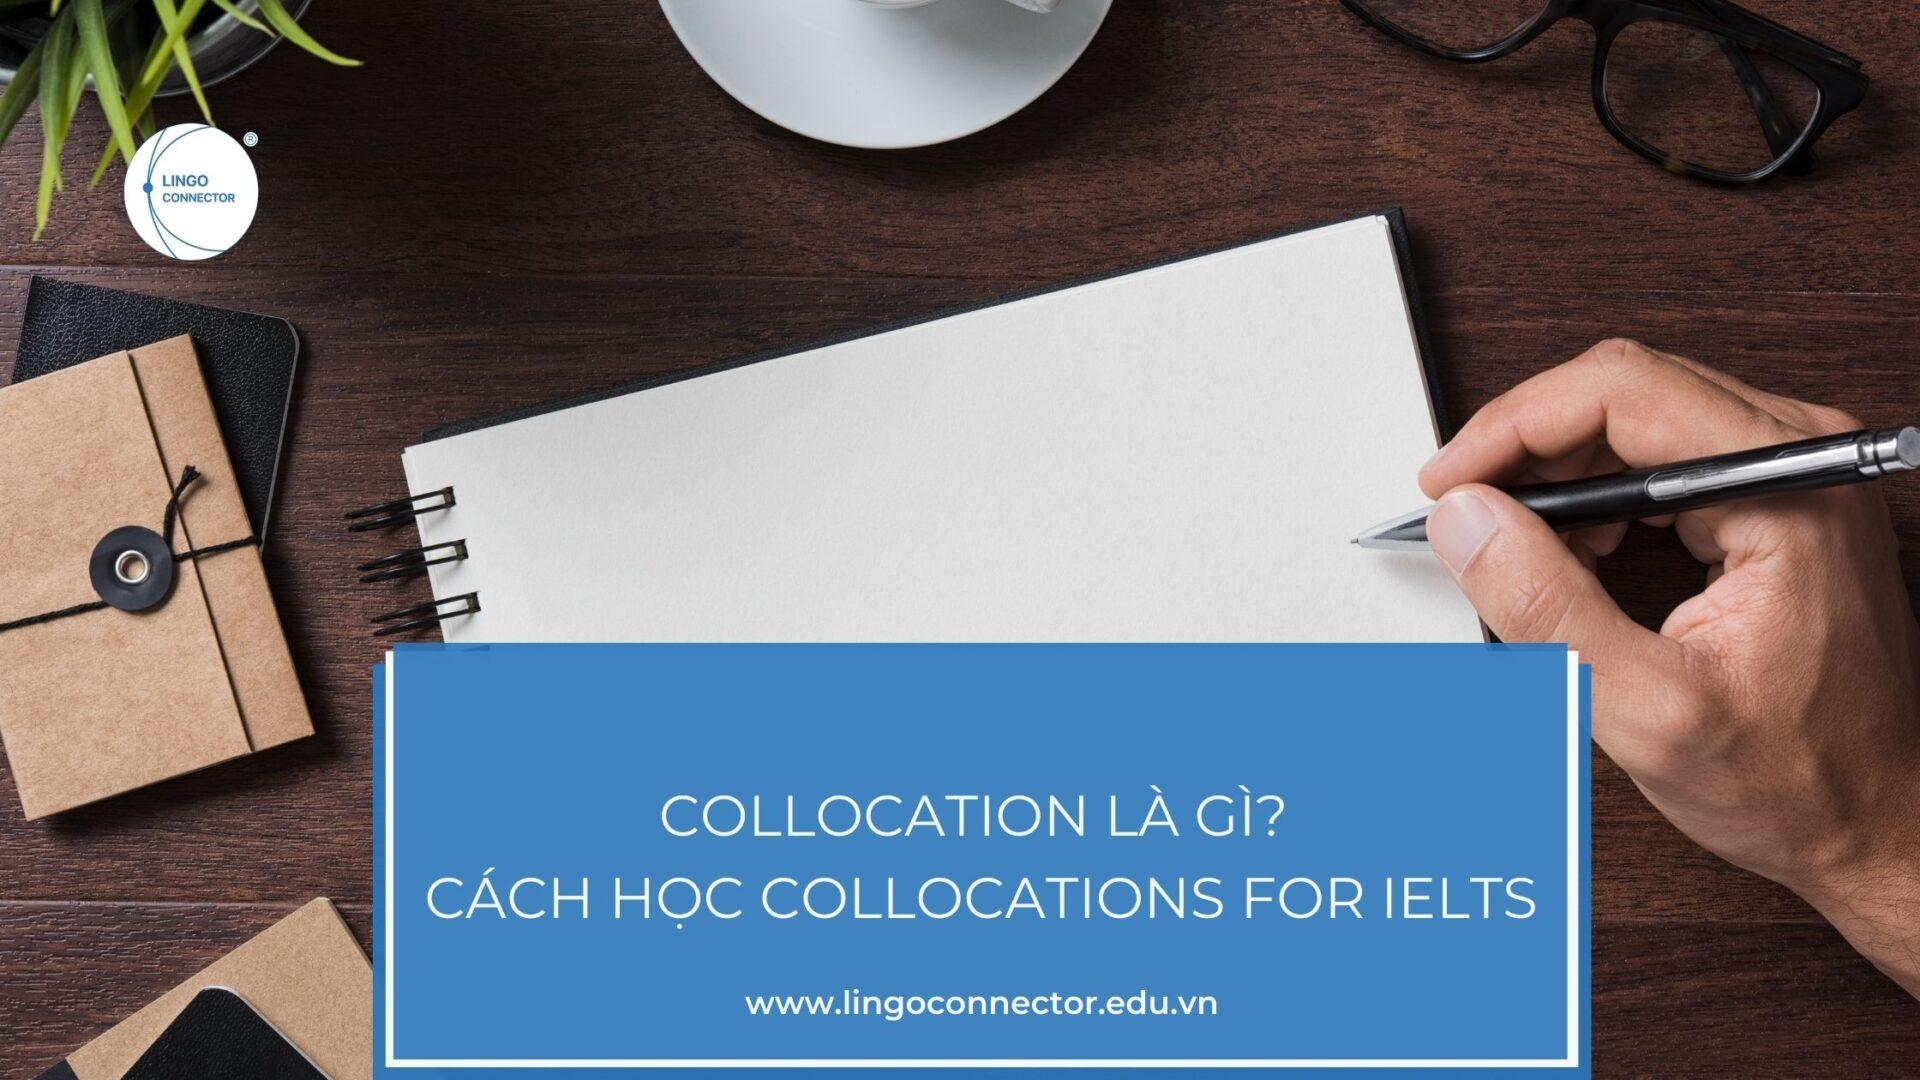 Collocation là gì? Cách học Collocations for IELTS